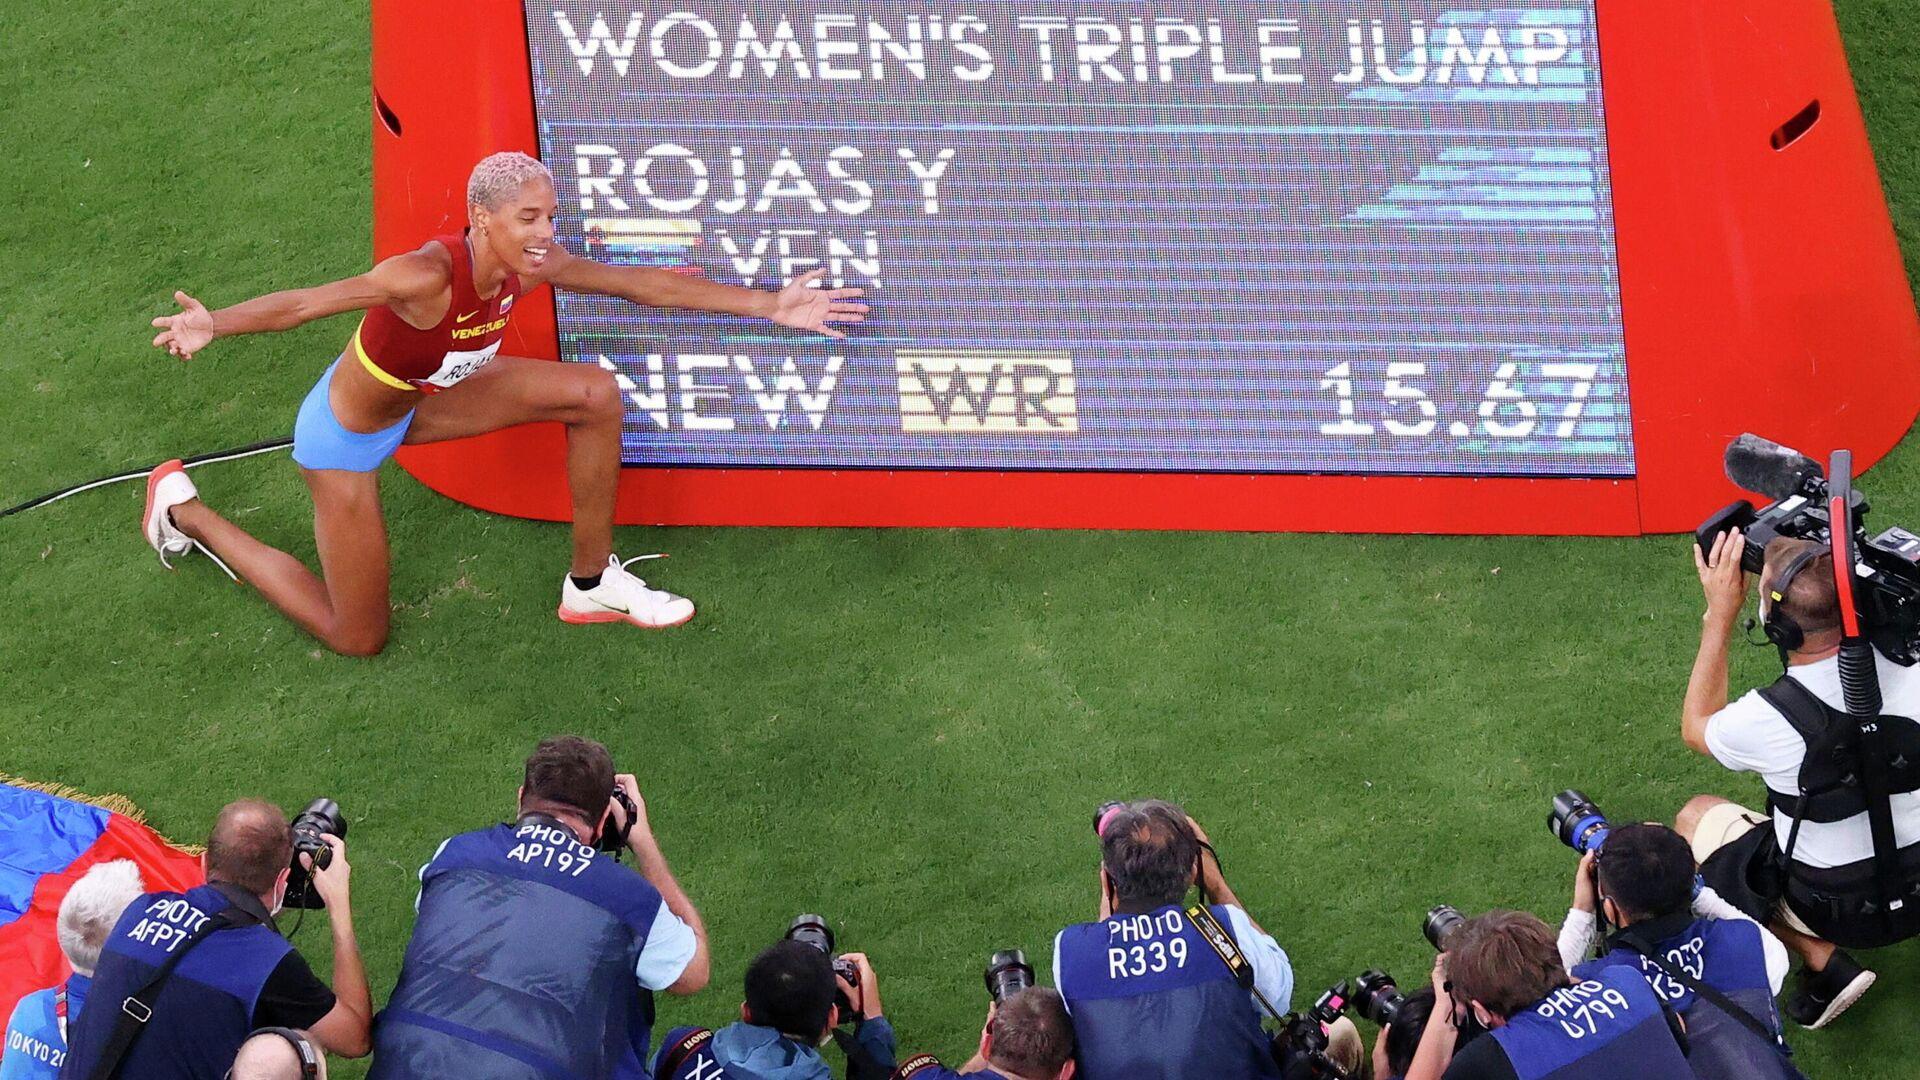 La saltadora de longitud venezolana Yulimar Rojas establece un nuevo récord olímpico y mundial - Sputnik Mundo, 1920, 01.08.2021